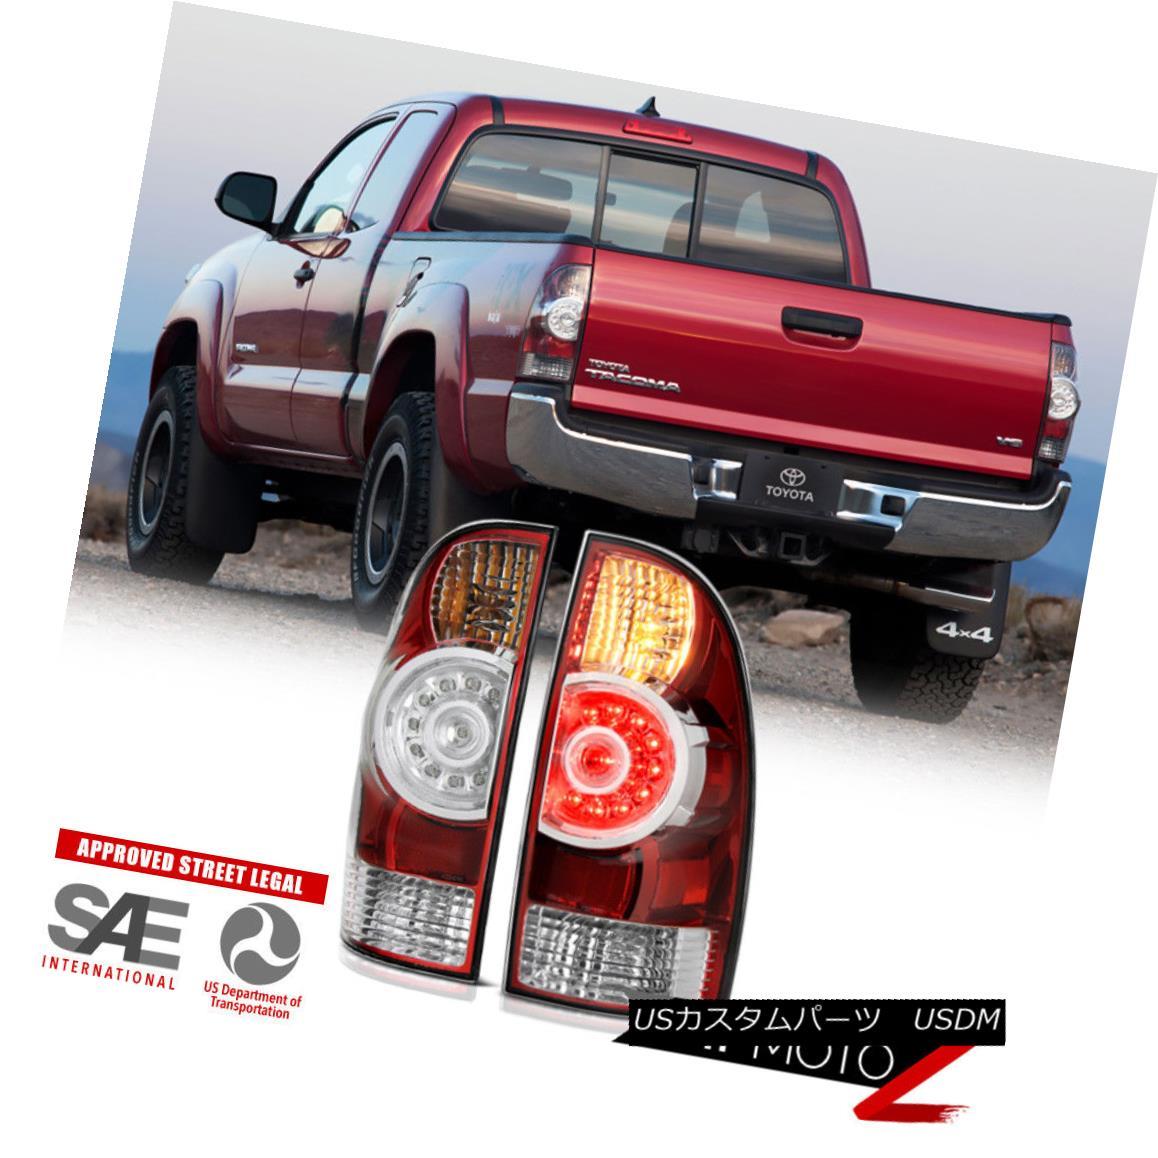 テールライト [FACTORY LED STYLE] 2005-2015 Toyota Tacoma All Model Rear LED Tail Lights Lamps [FACTORY LED STYLE] 2005-2015 Toyota Tacoma全モデルリアLEDテールライトランプ